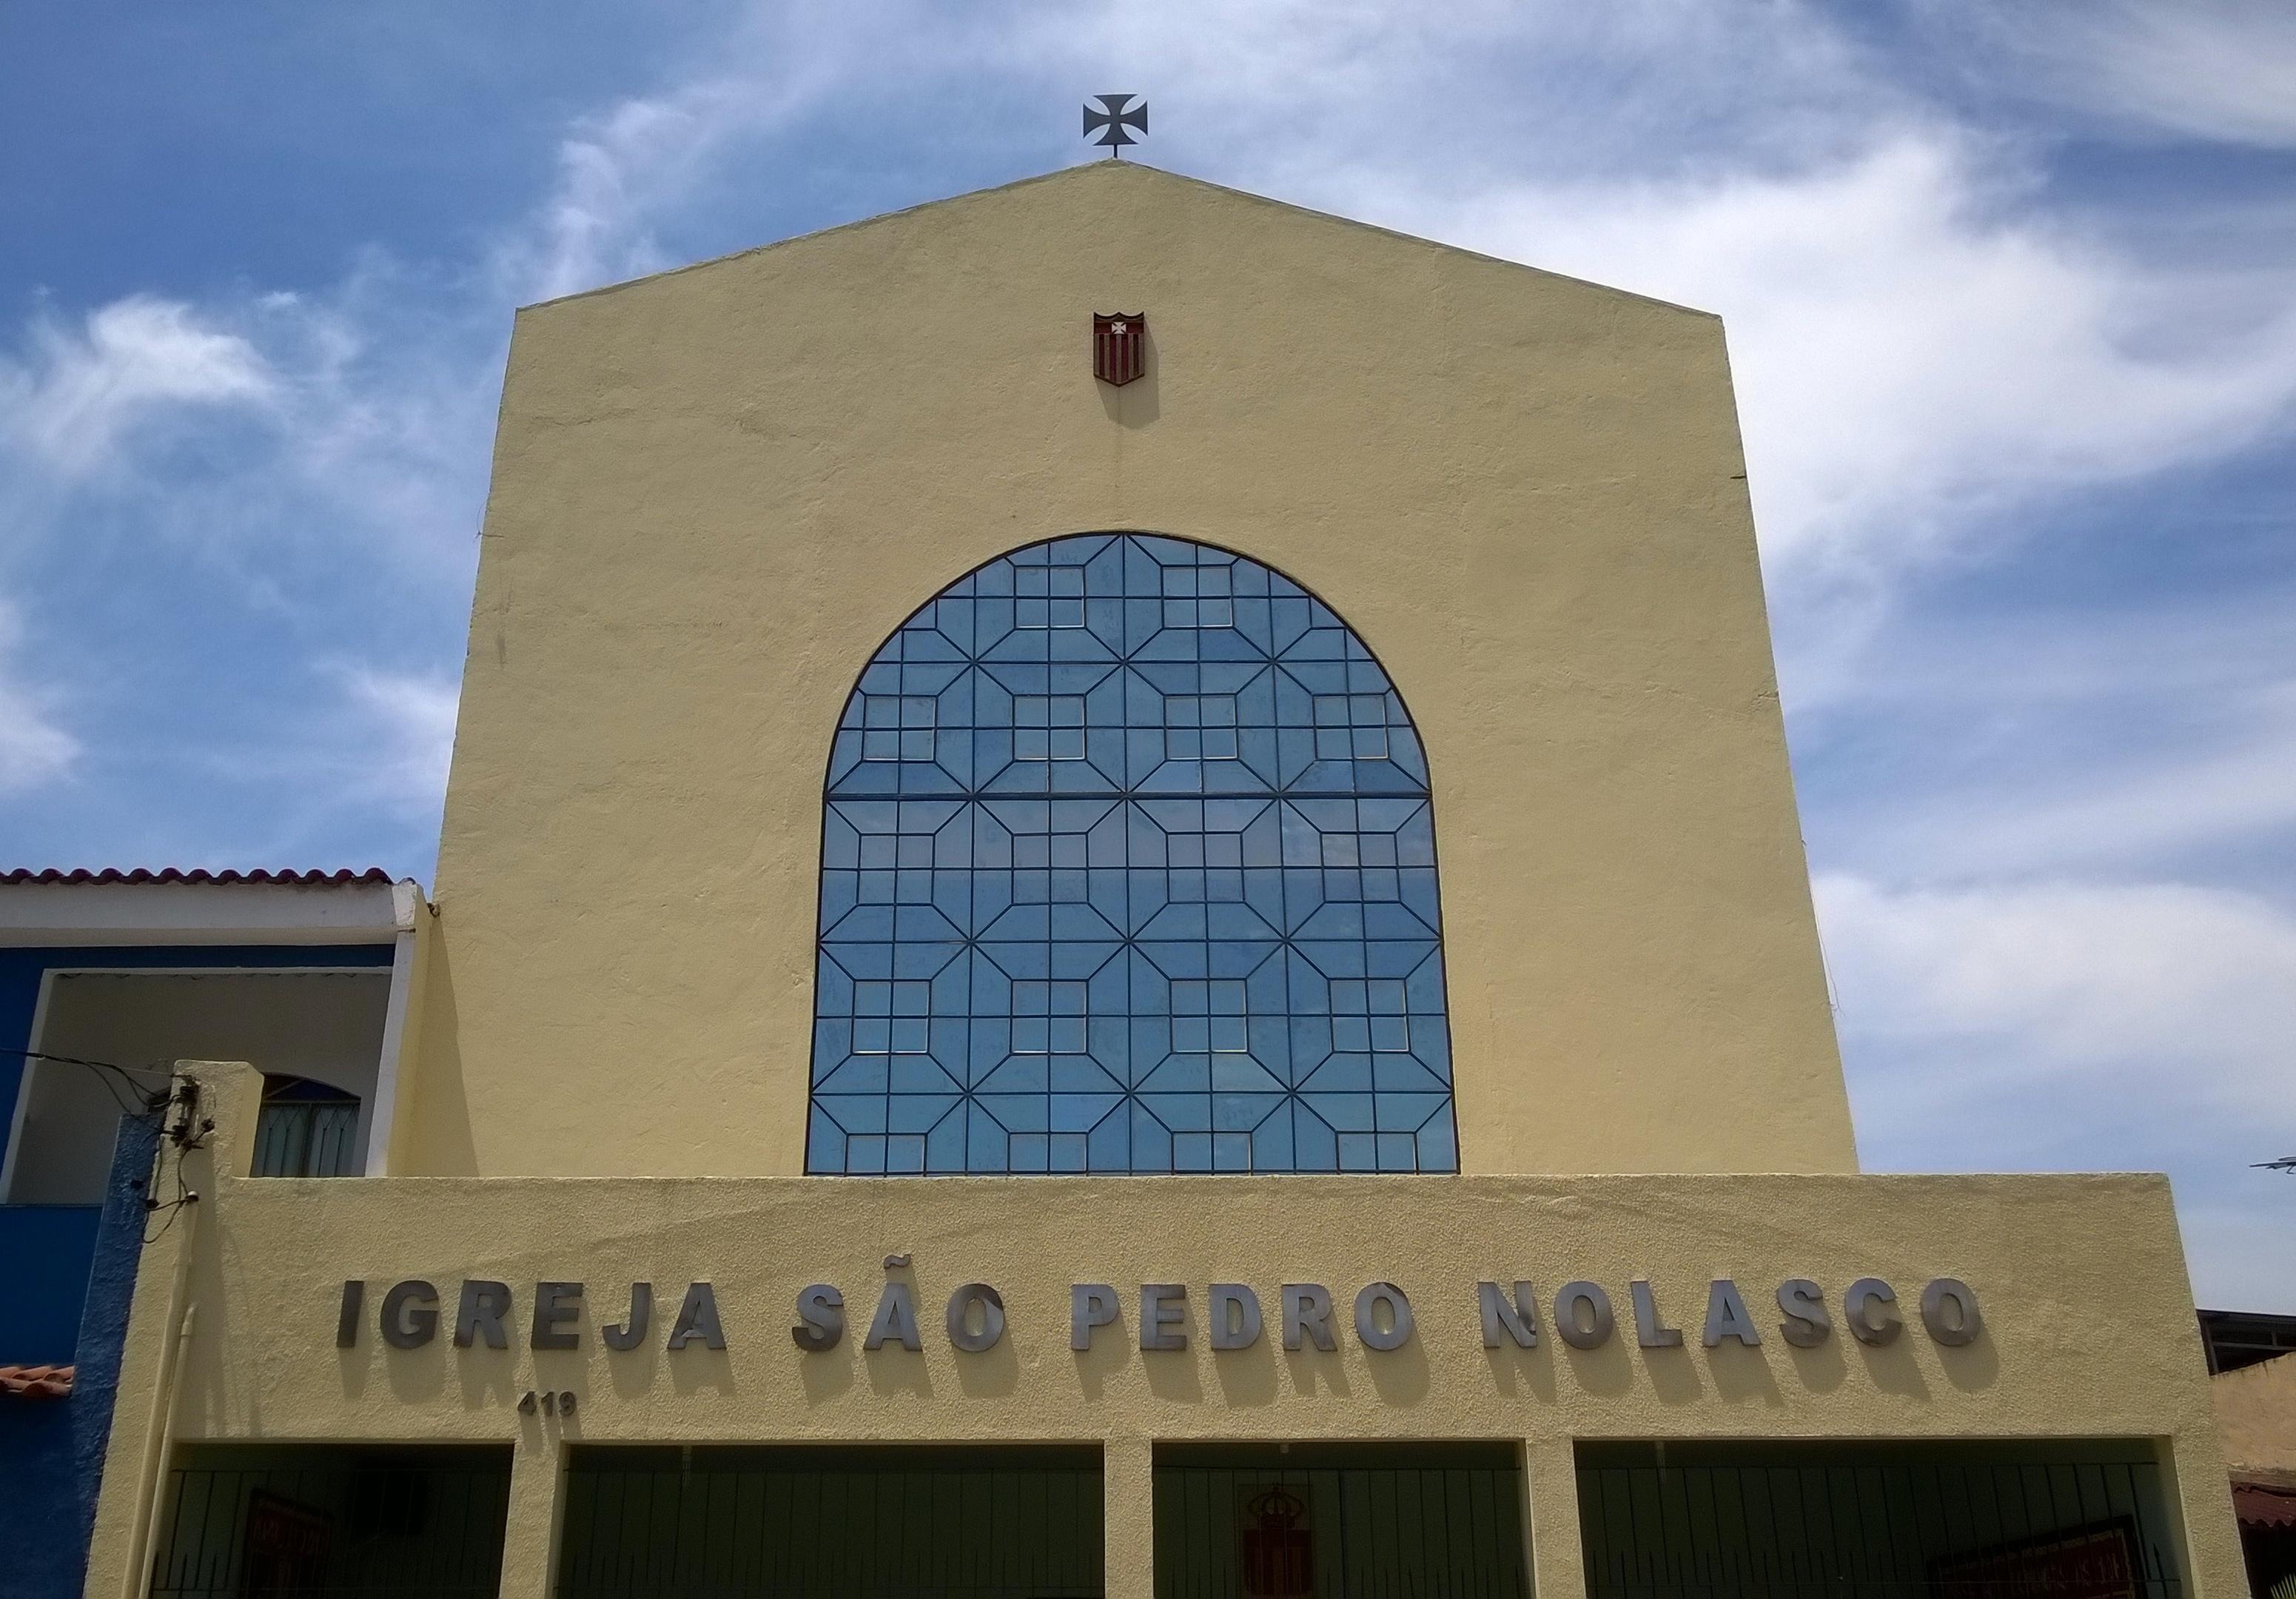 FACHADA SÃO PEDRO NOLASCO